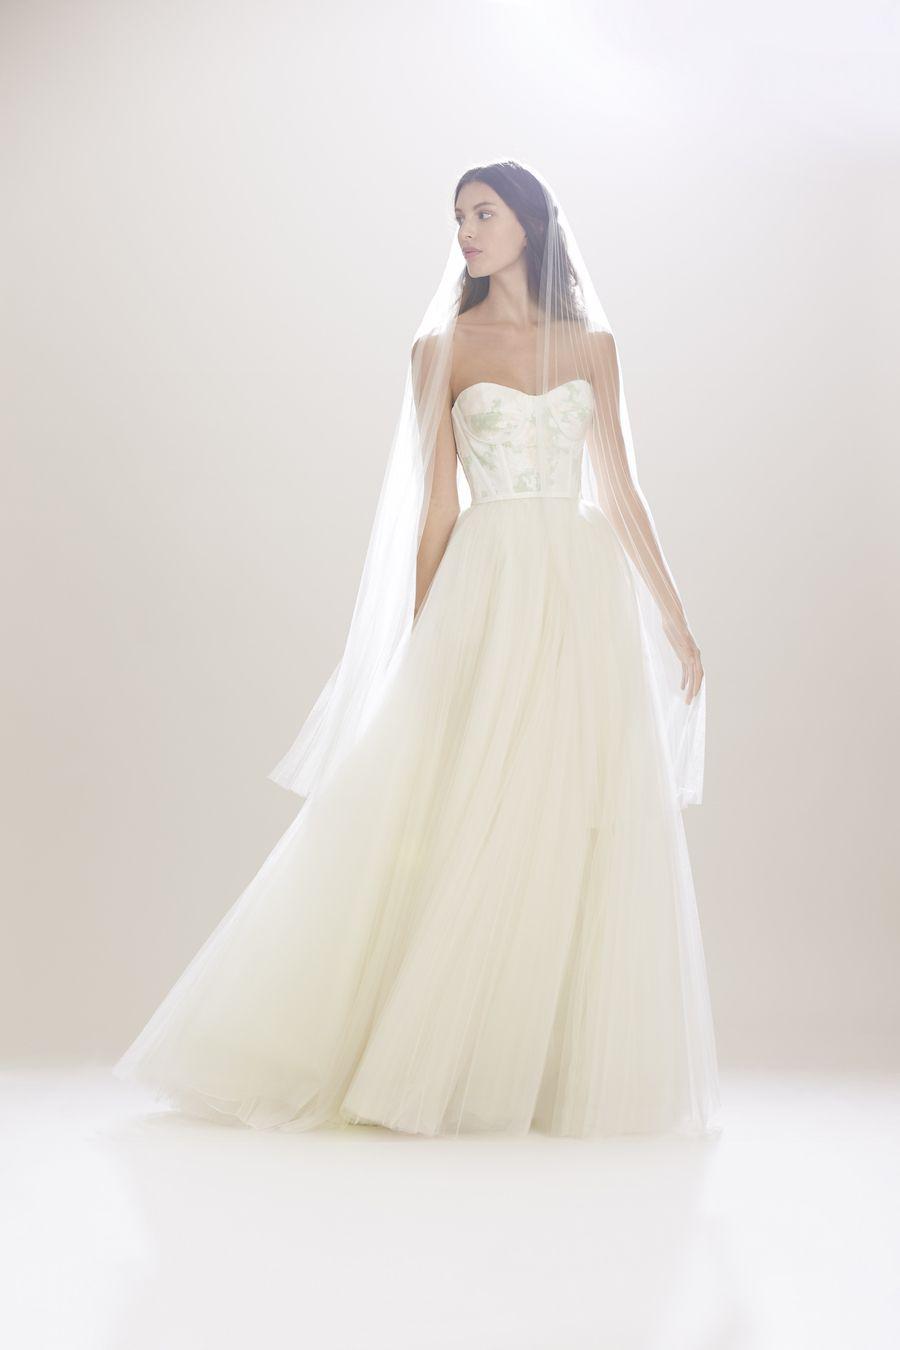 Carolina Herrera Bridal Fall '16 Precioso corset levemente estampado con el contraste de la falda de tul